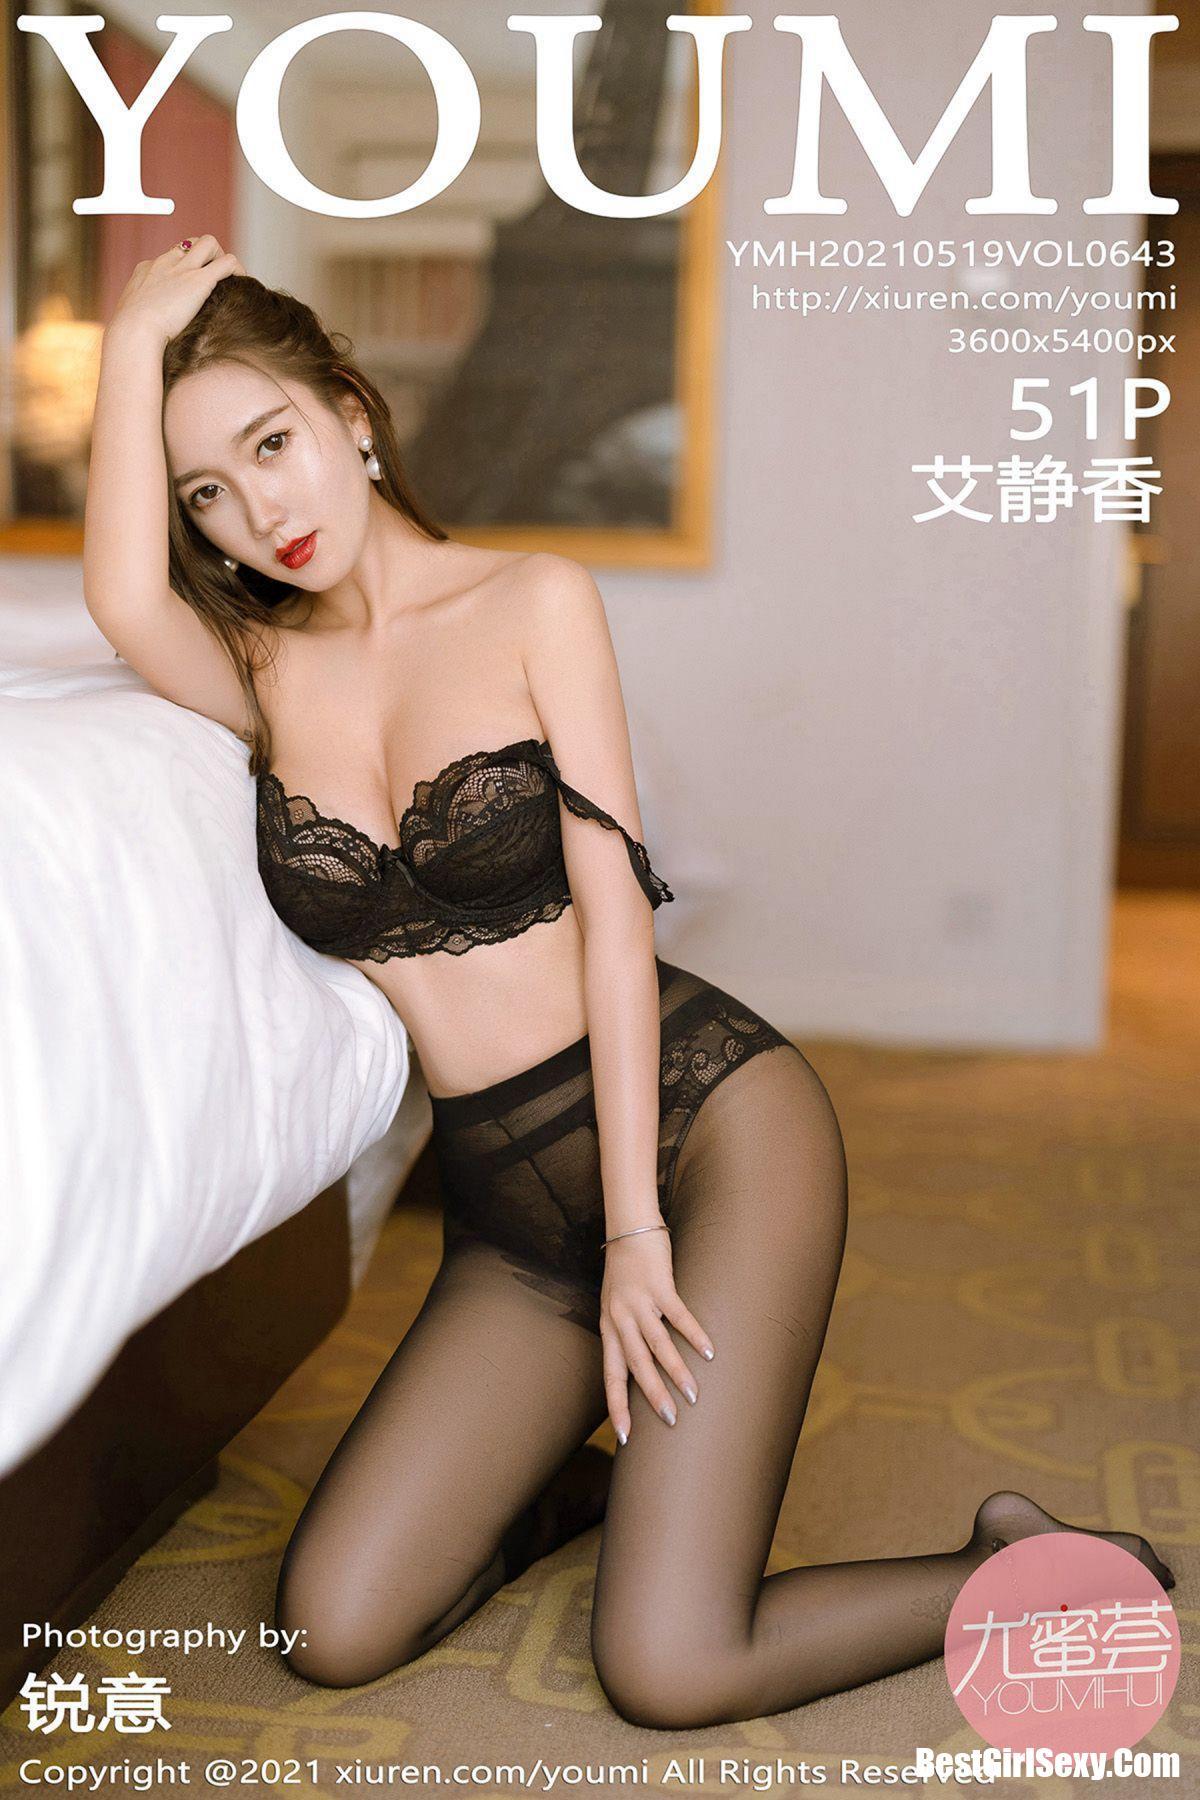 艾静香, YouMi尤蜜荟 Vol.643 Ai Jing Xiang, YouMi尤蜜荟 Vol.643, Ai Jing Xiang